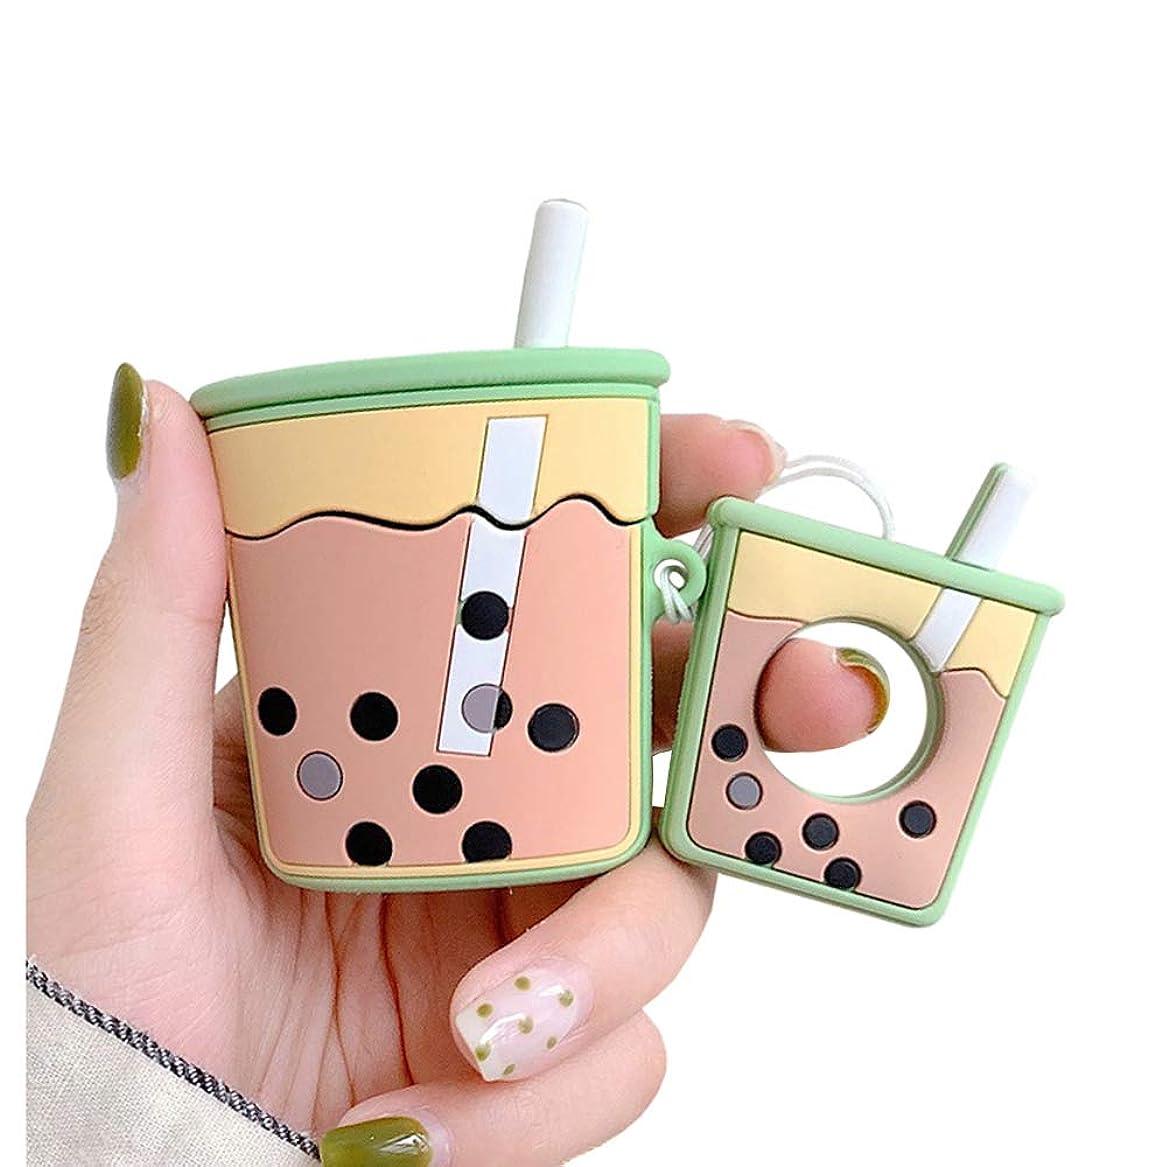 戦争モート進むUnnFiko スーパーキュート バブルティー Airpodsケース 3D 漫画 ソフトシリコン 保護ミニバッグ キュート クリエイティブ Airpods 1 & 2 充電カバー フィンガーループ付き Airpods?1 & 2